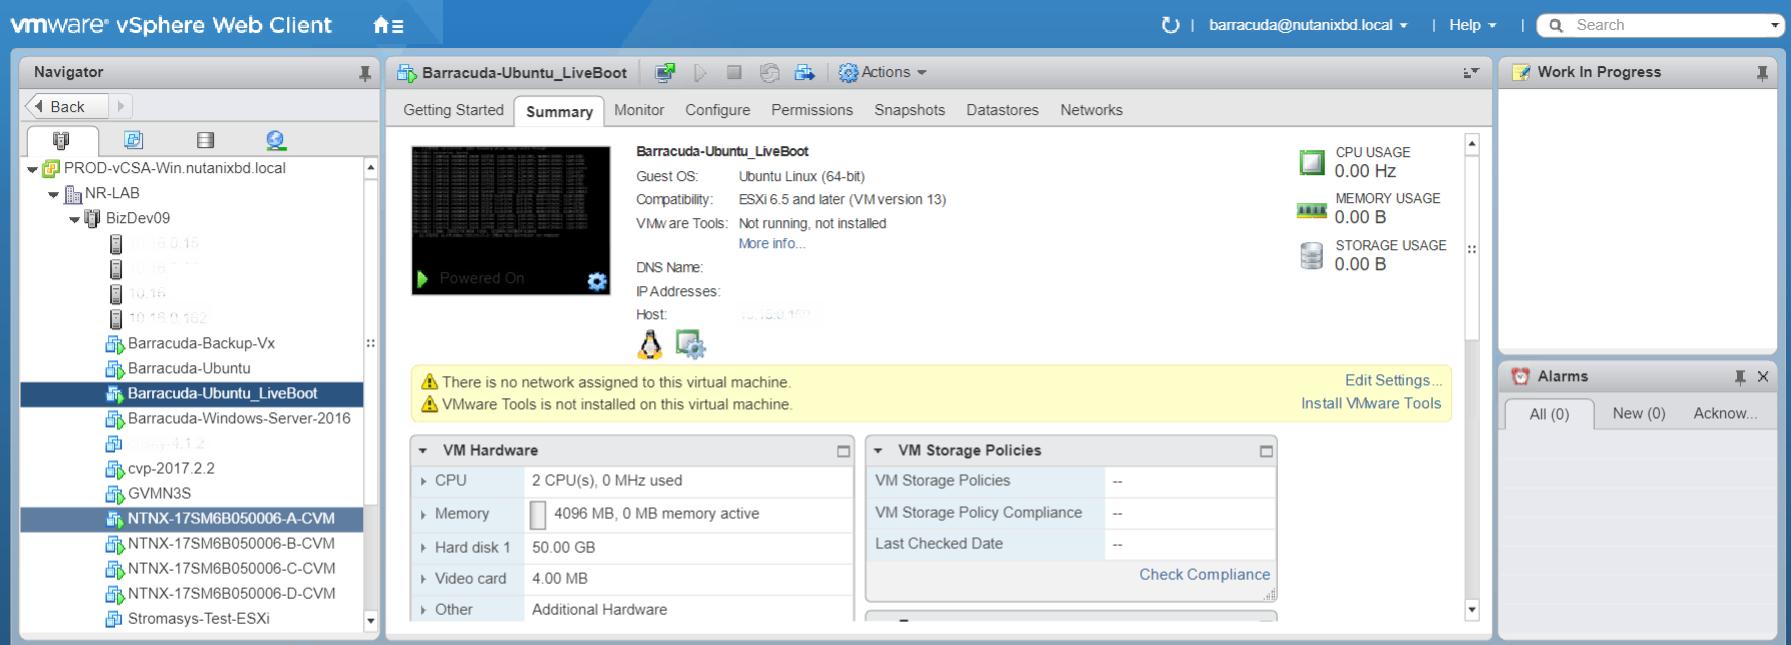 VMware vSphere Support | Barracuda Campus